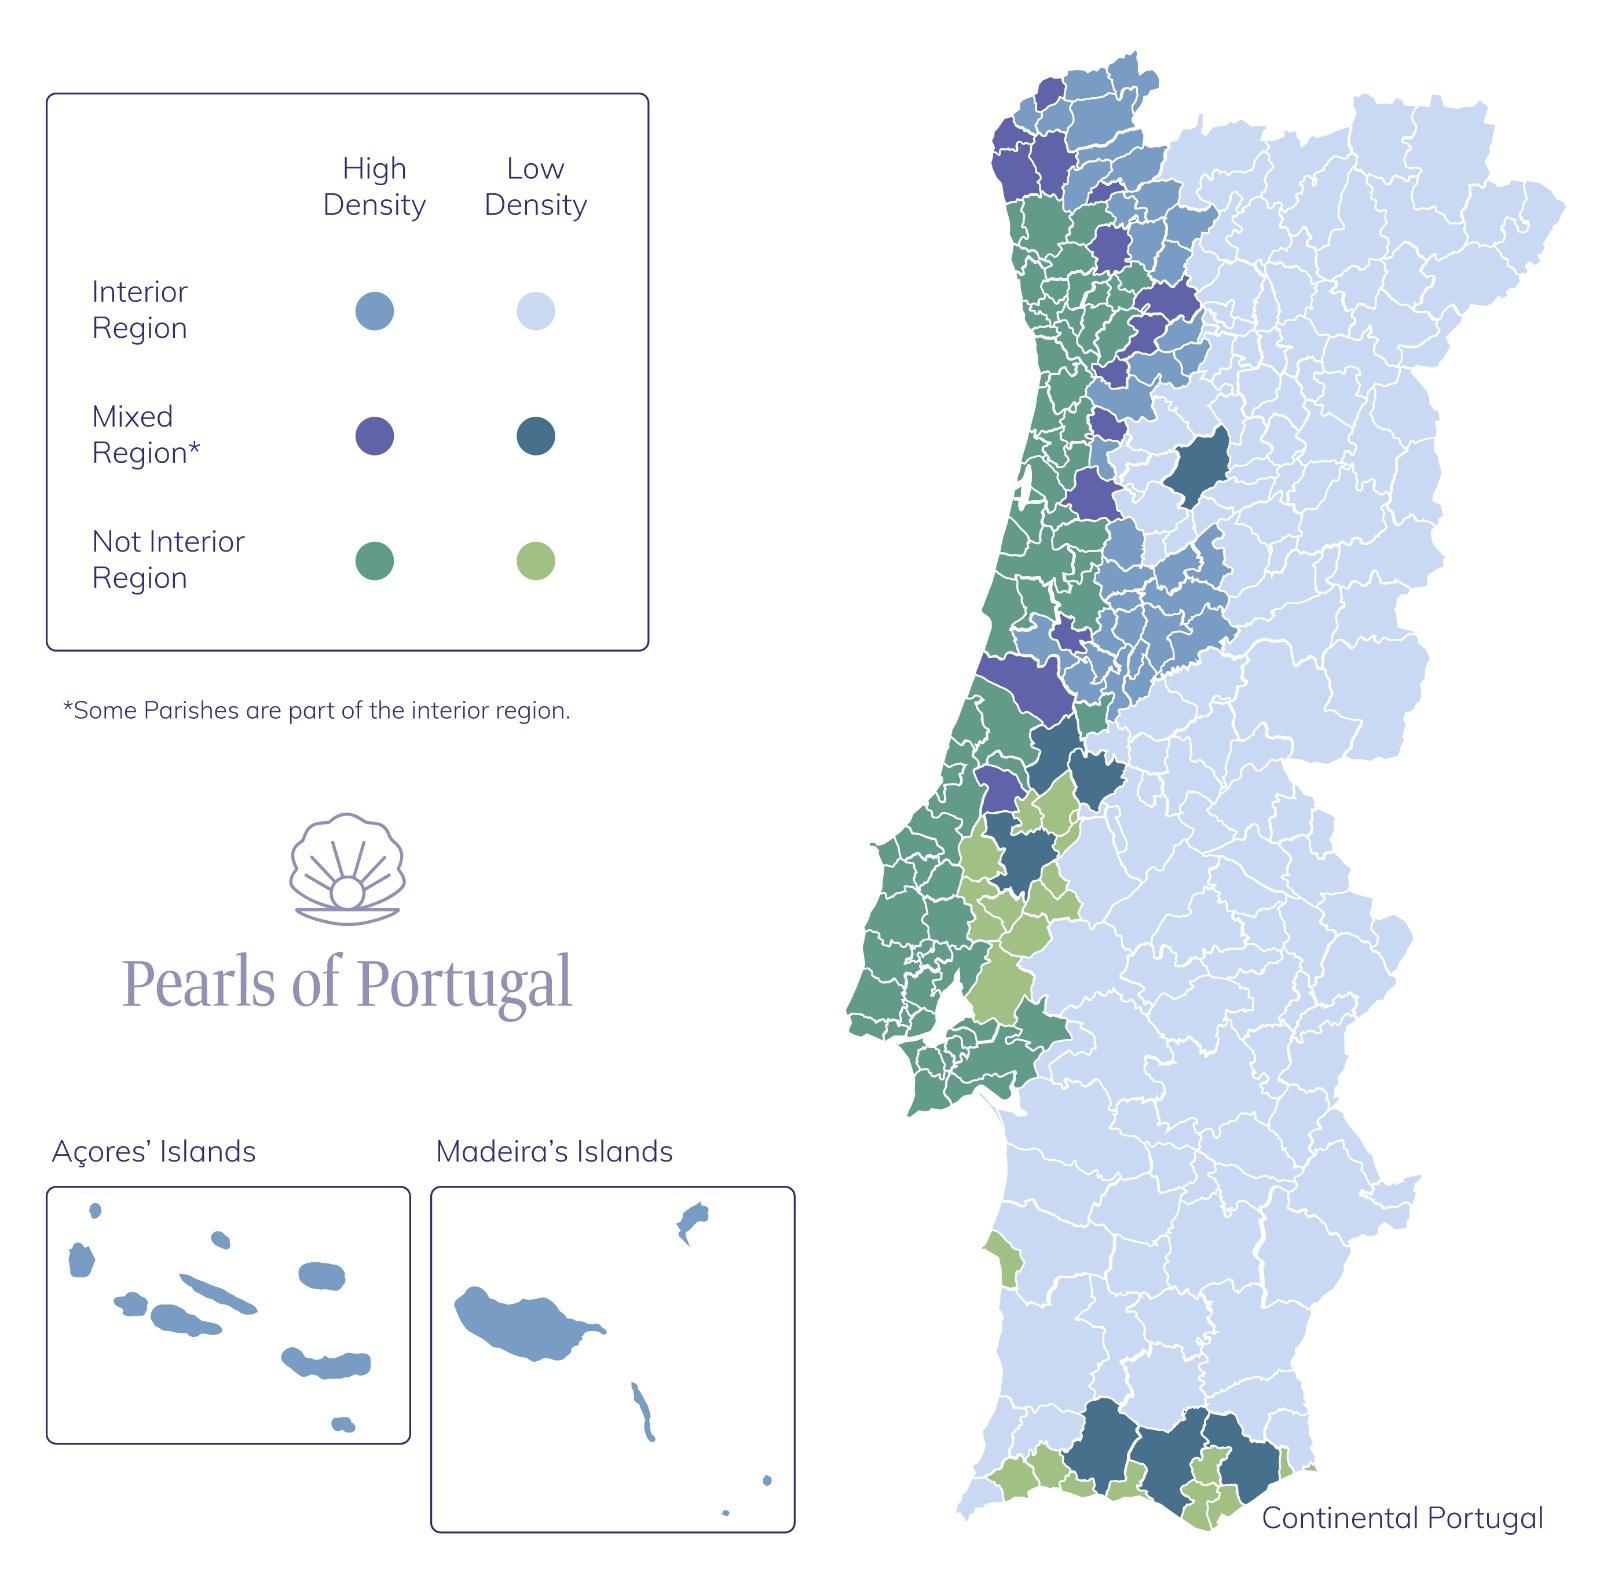 Interior regions golden visa Portugal